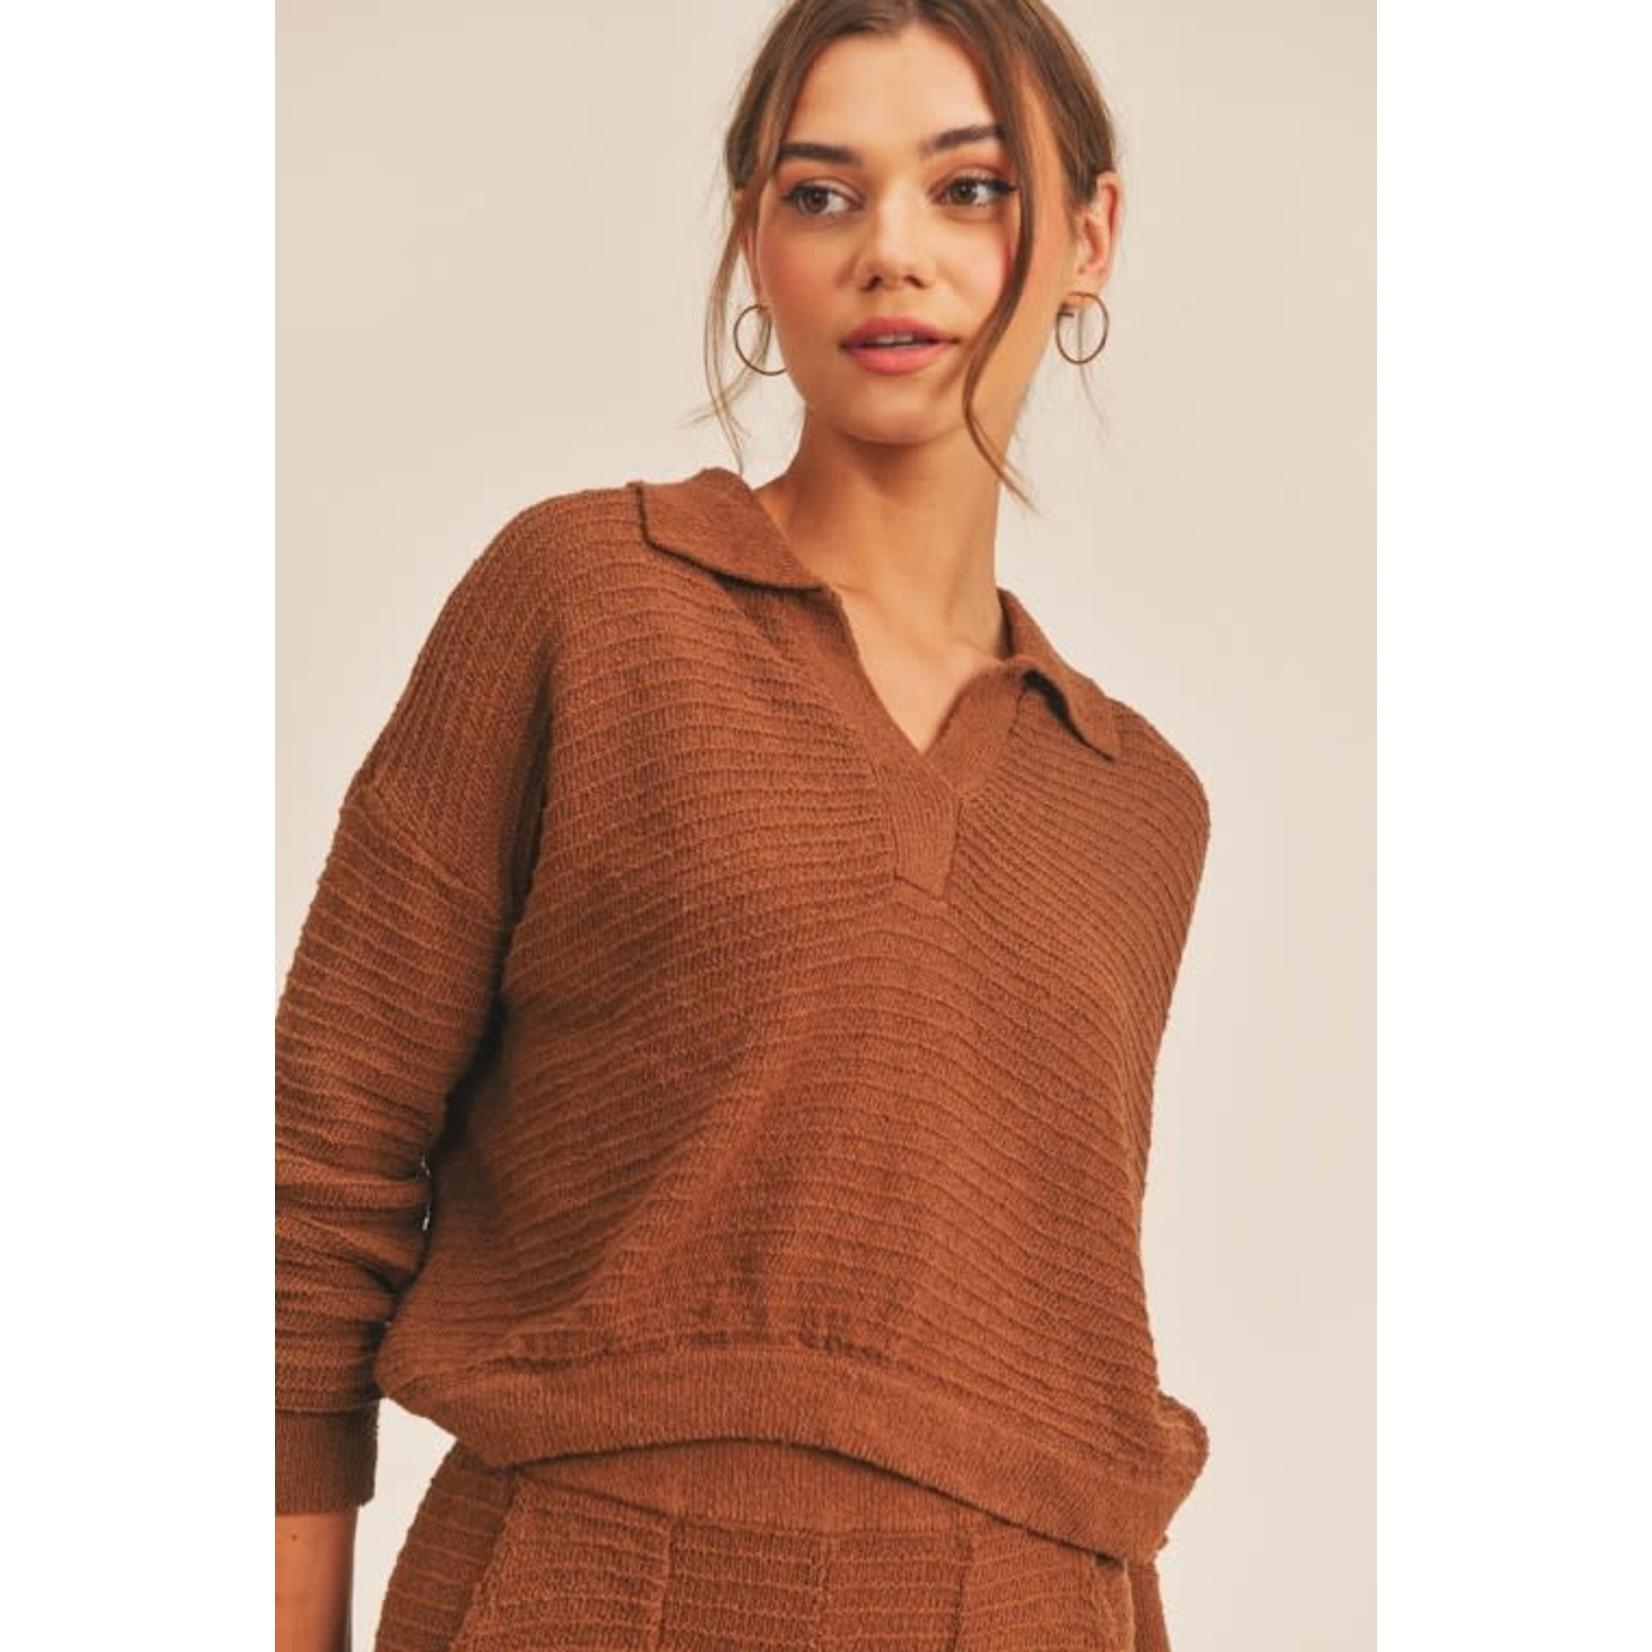 EM & ELLE Modern Knit Top